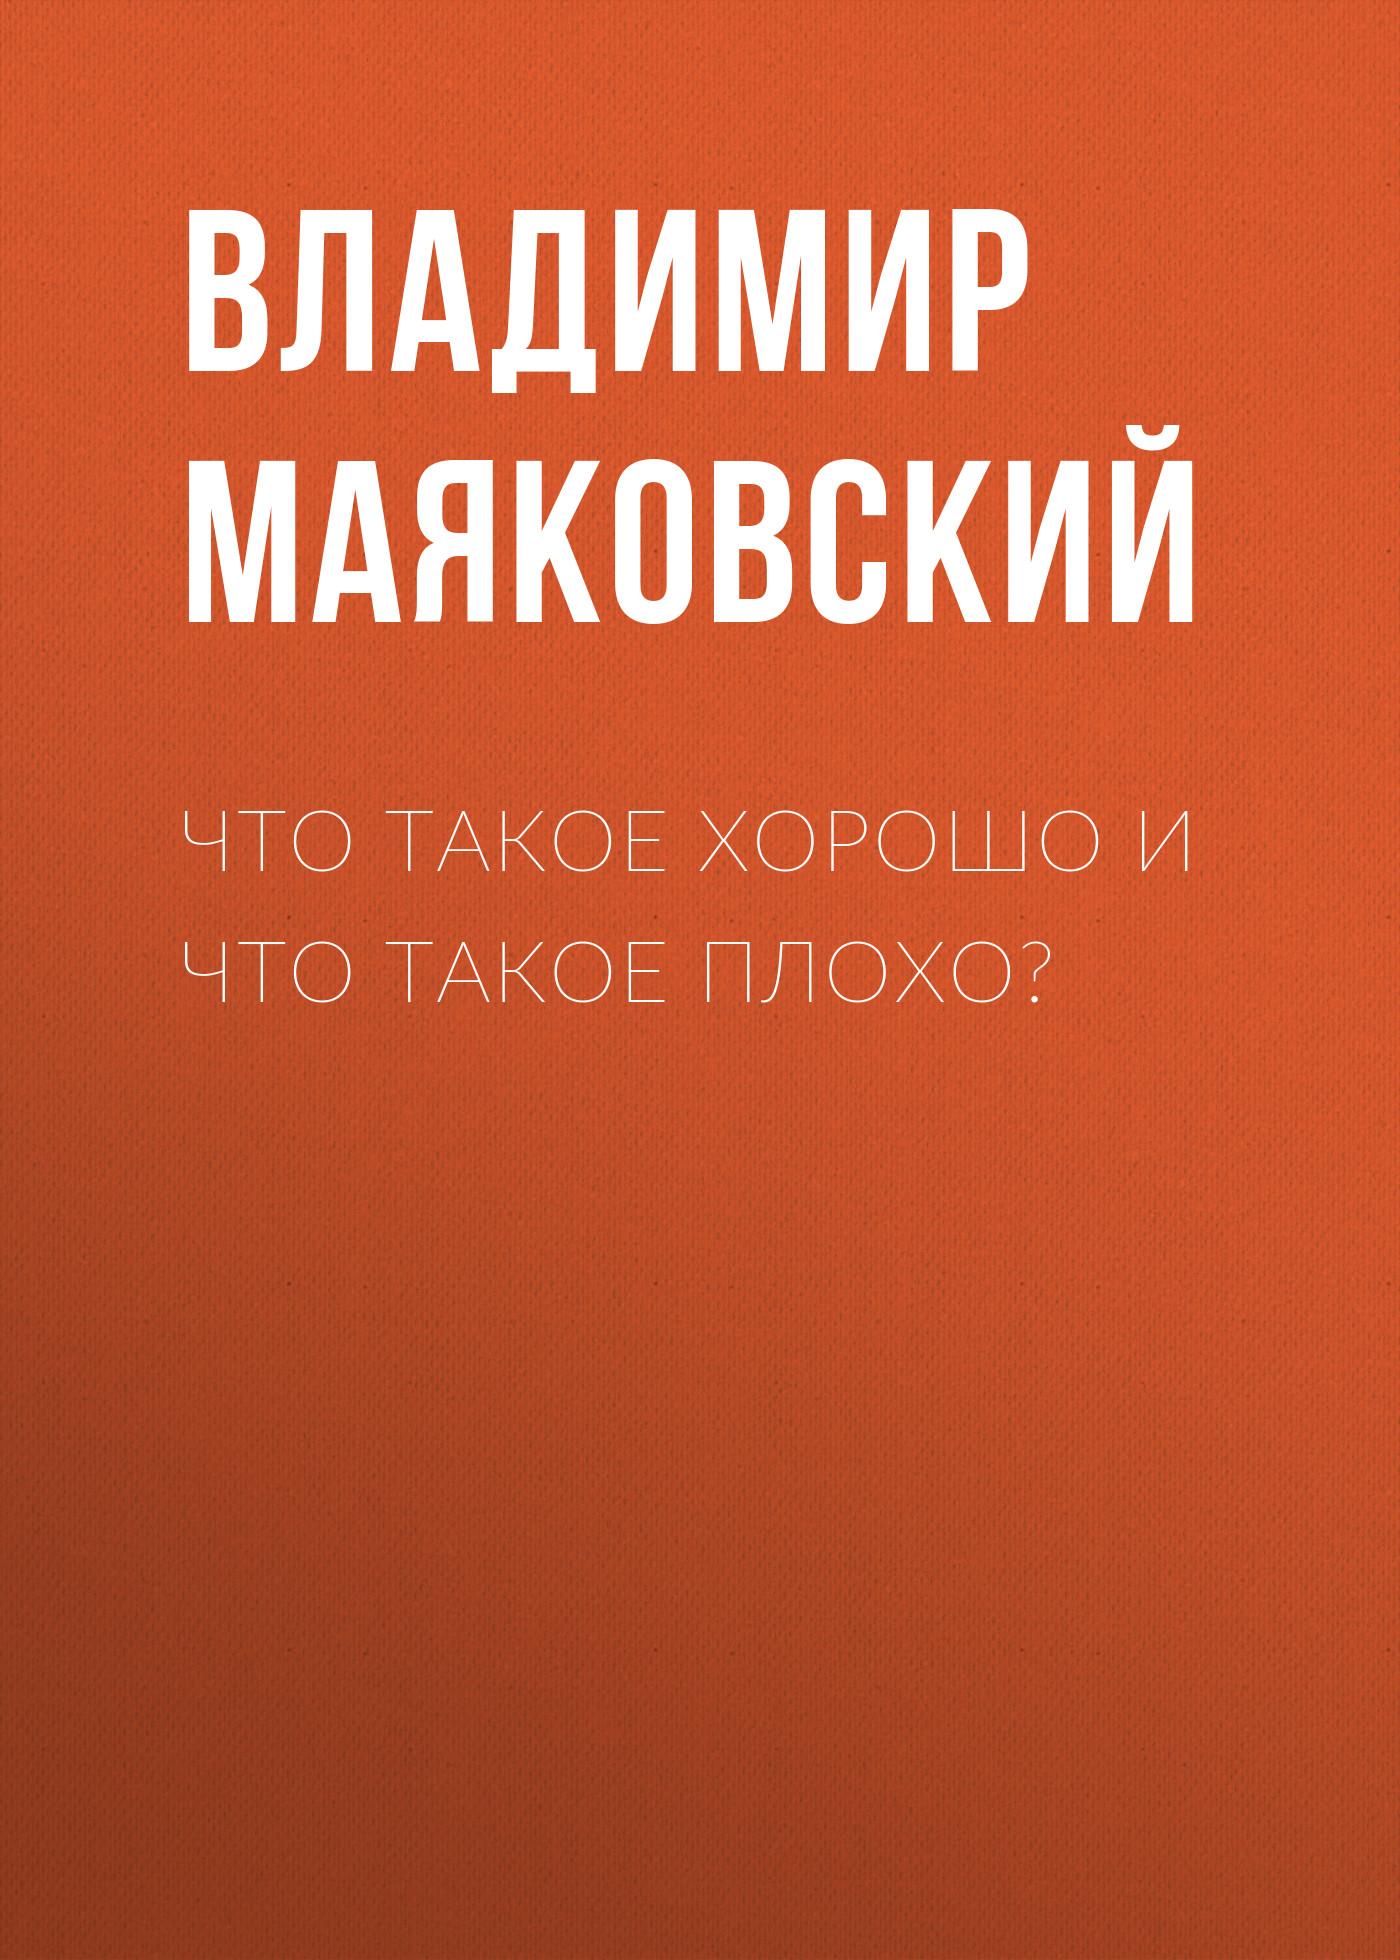 Владимир Маяковский Что такое хорошо и что такое плохо? маяковский в что такое хорошо и что такое плохо стихи